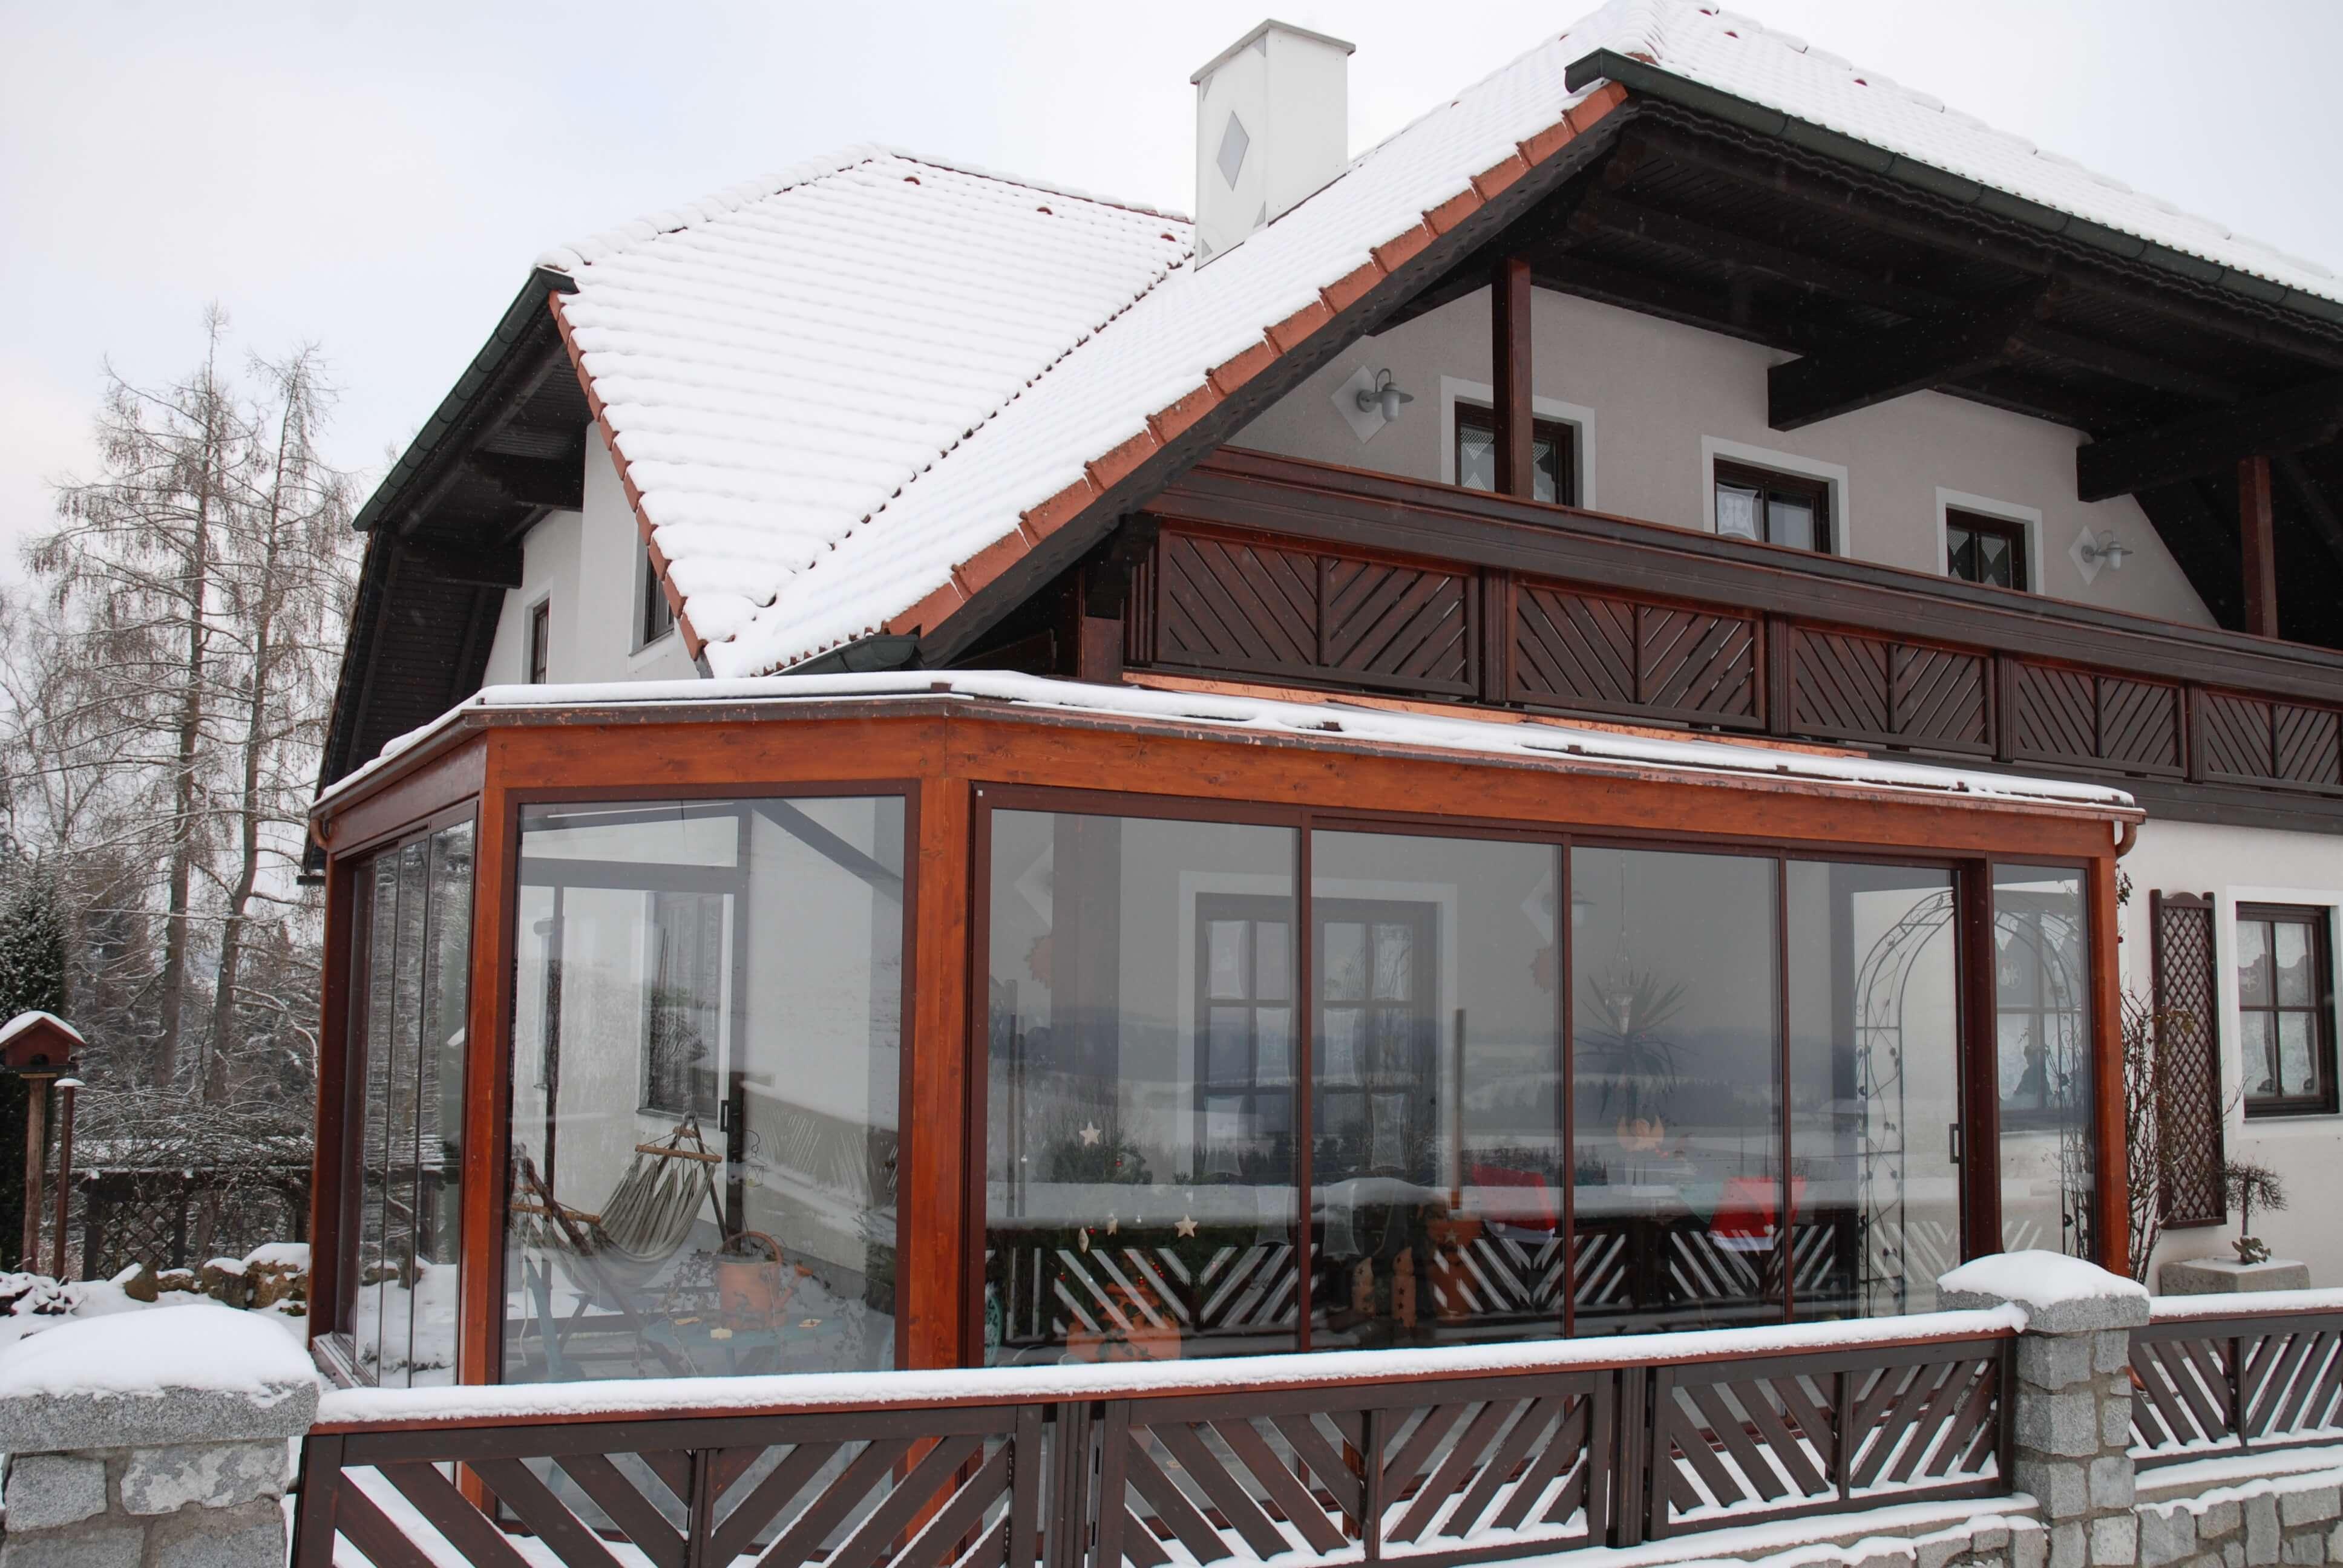 Wintergarten Dachverglasung wintergarten mit schiebeverglasungen und dachverglasung